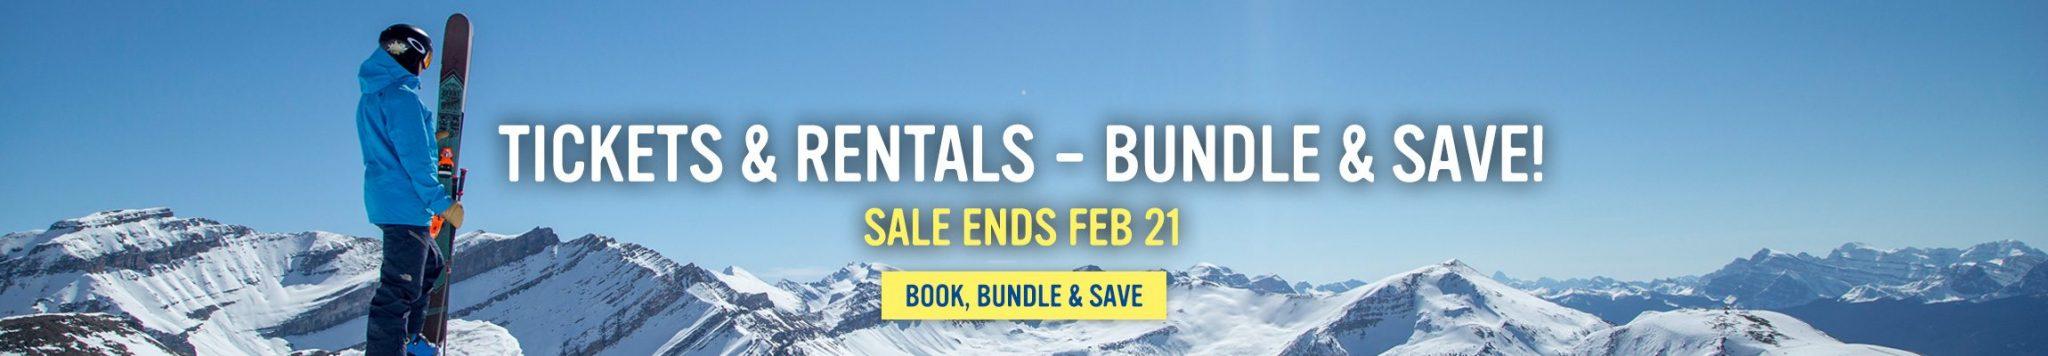 Bundle & Save on tickets & Rentals